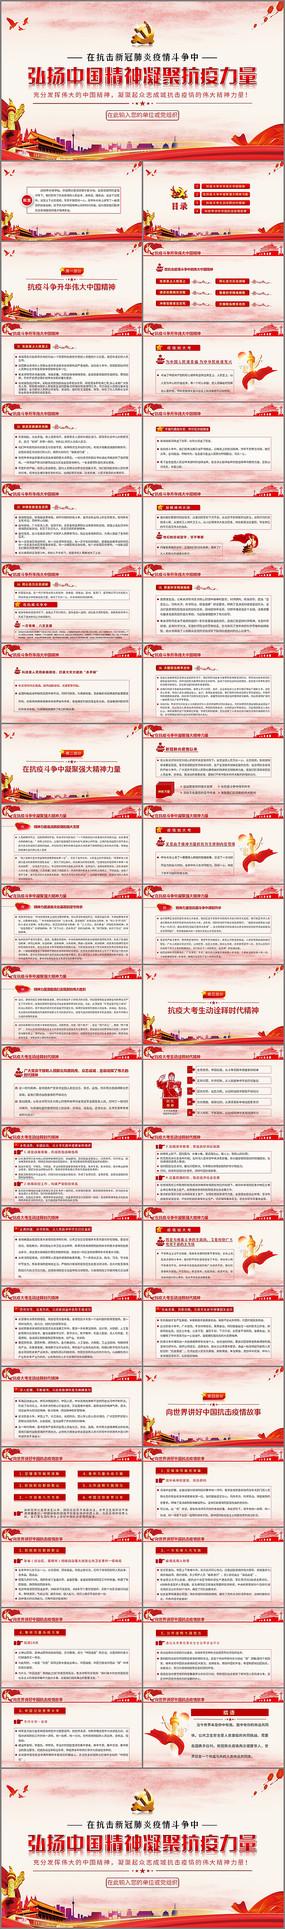 弘扬中国精神凝聚抗疫力量党员微党课ppt